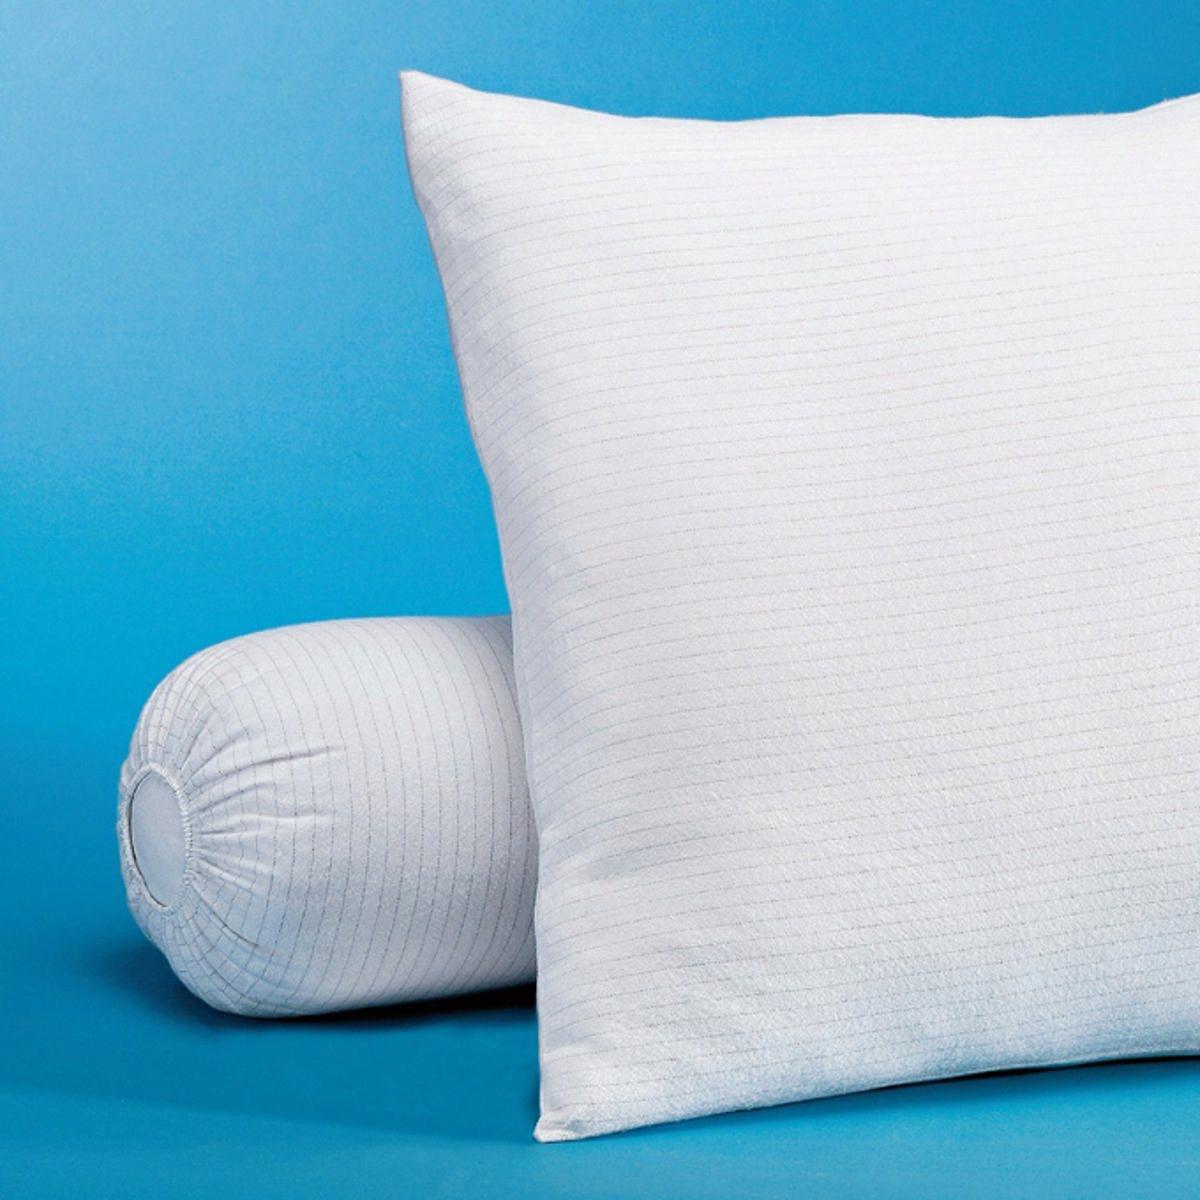 Чехол защитный на подушку из мольтона чехол защитный на матрас из мольтона 220 г м²